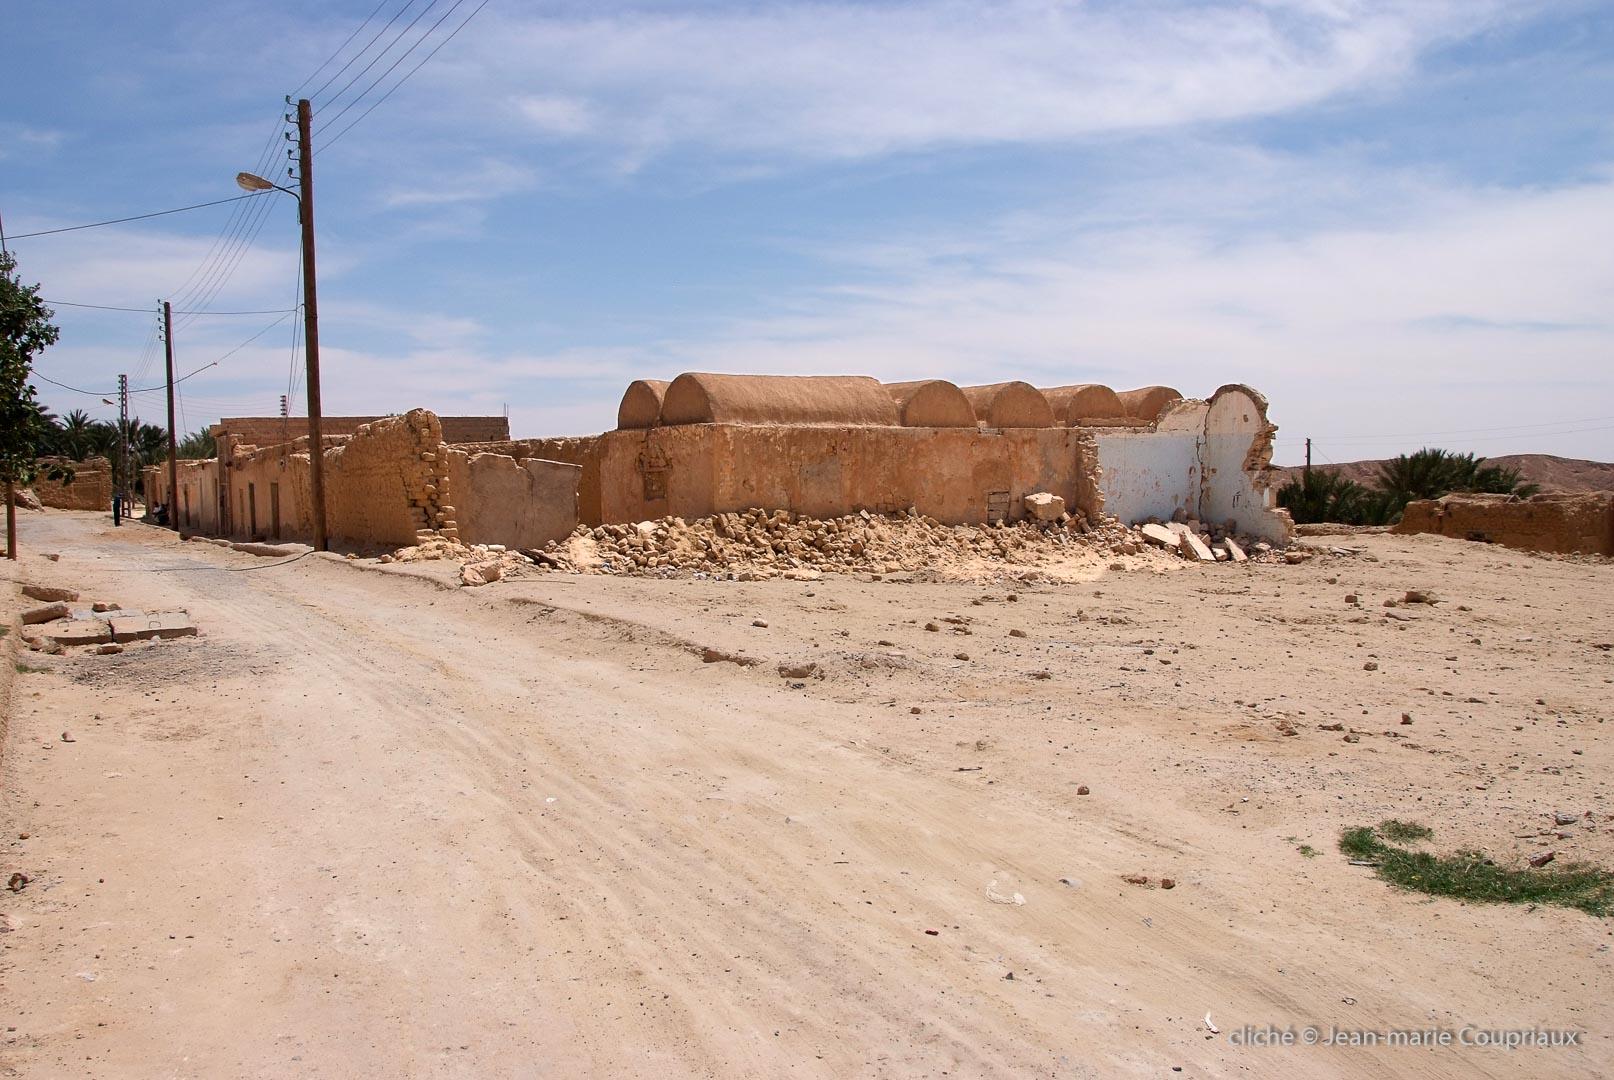 802-2011_Algerie-802